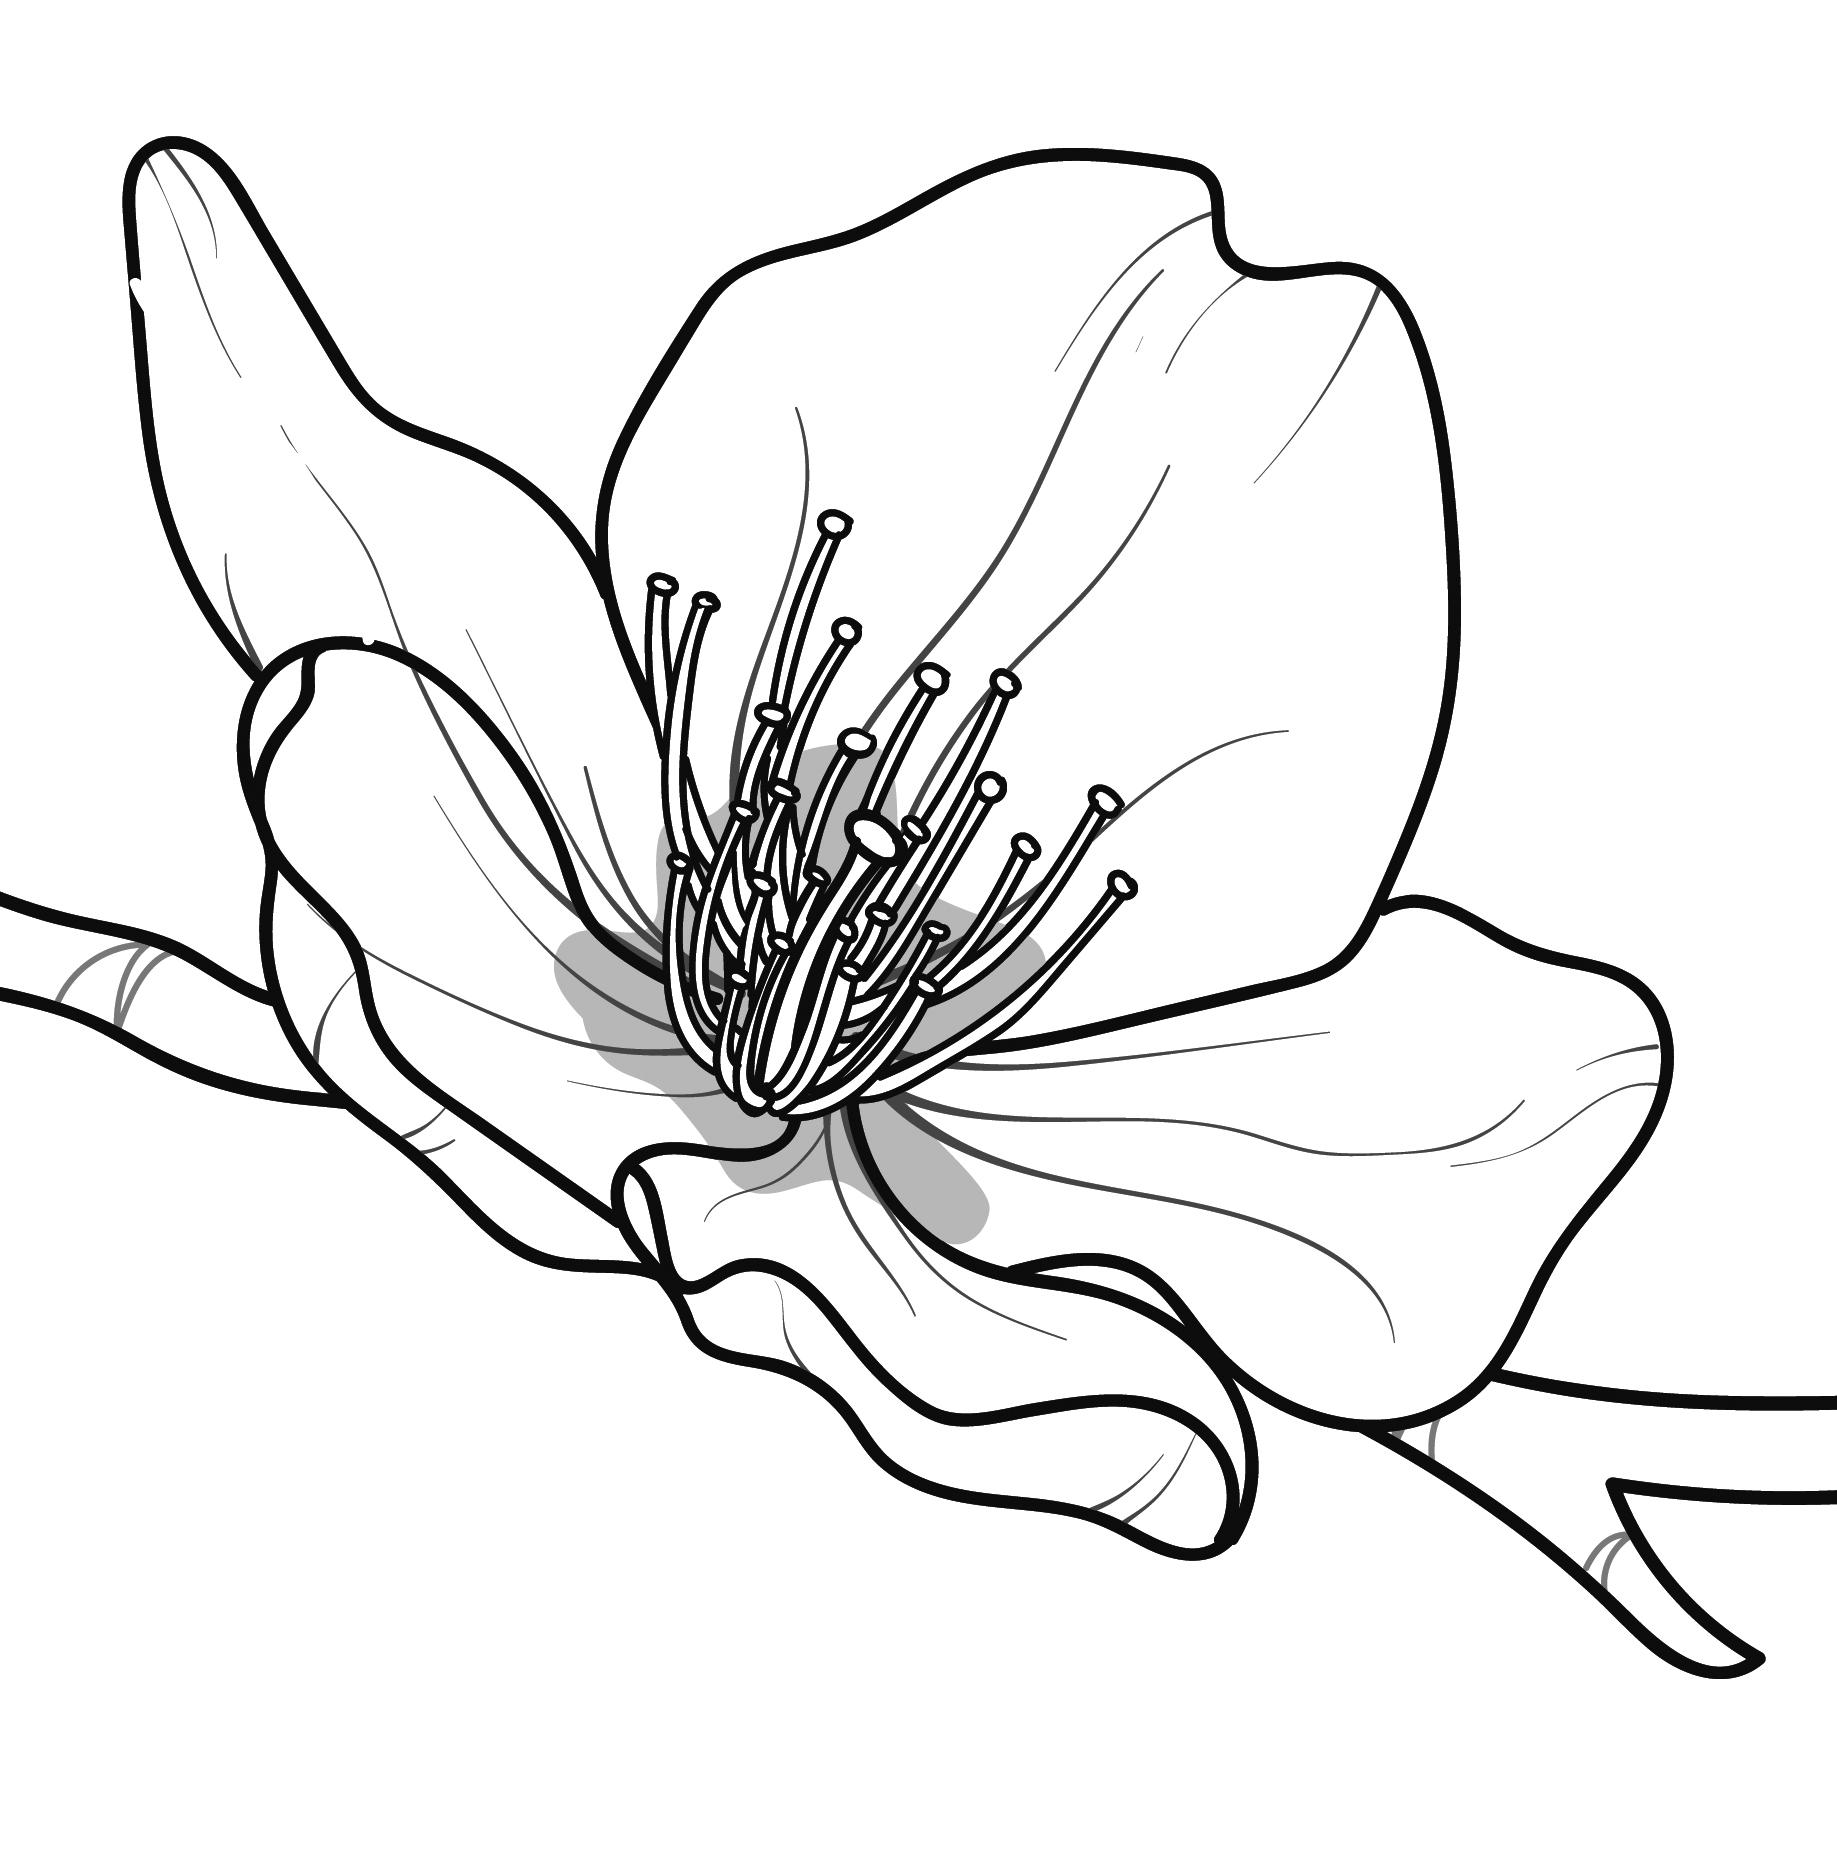 Flower-11.44.44